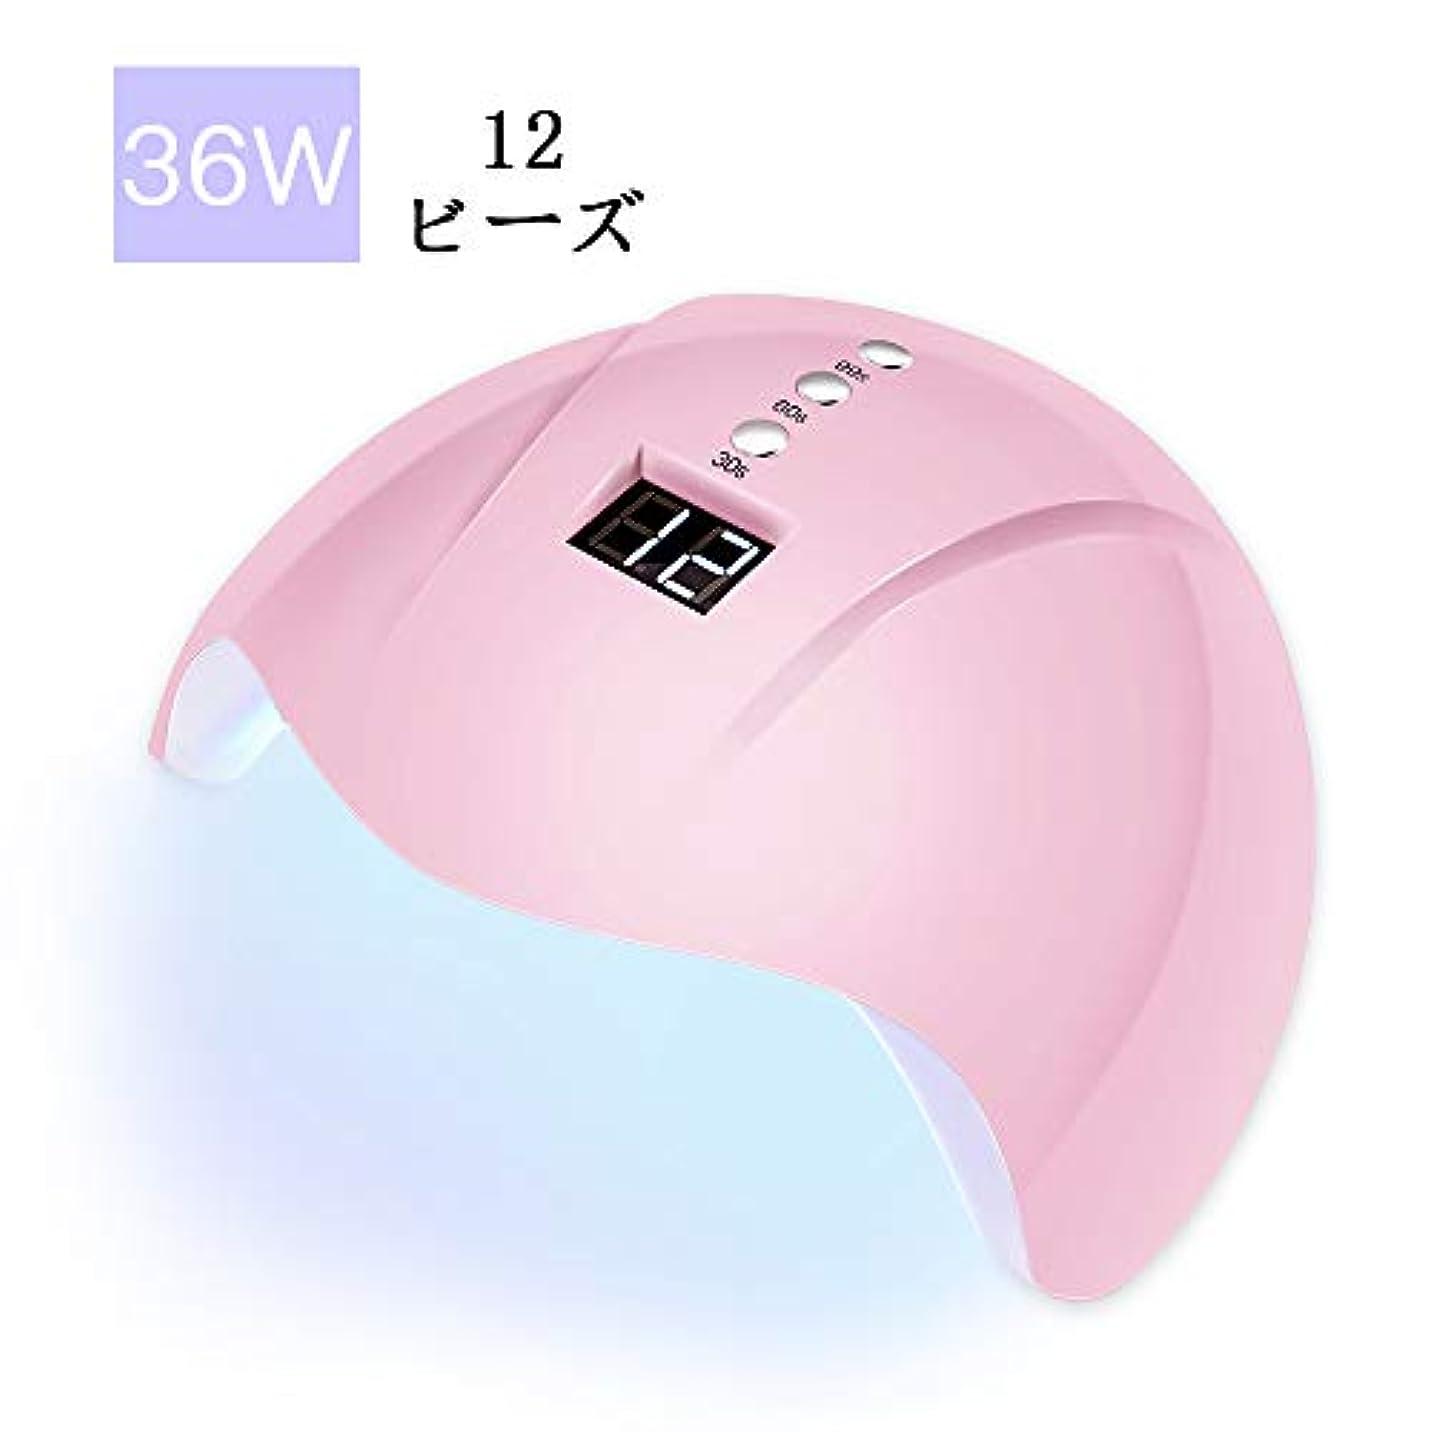 大人ゲート止まるWEVILI 2019最新版 UV LED ジェルネイル ライト ネイルドライヤー 全ジェル対応 自動センサー 3段階タイマー設定 12LED 高速硬化